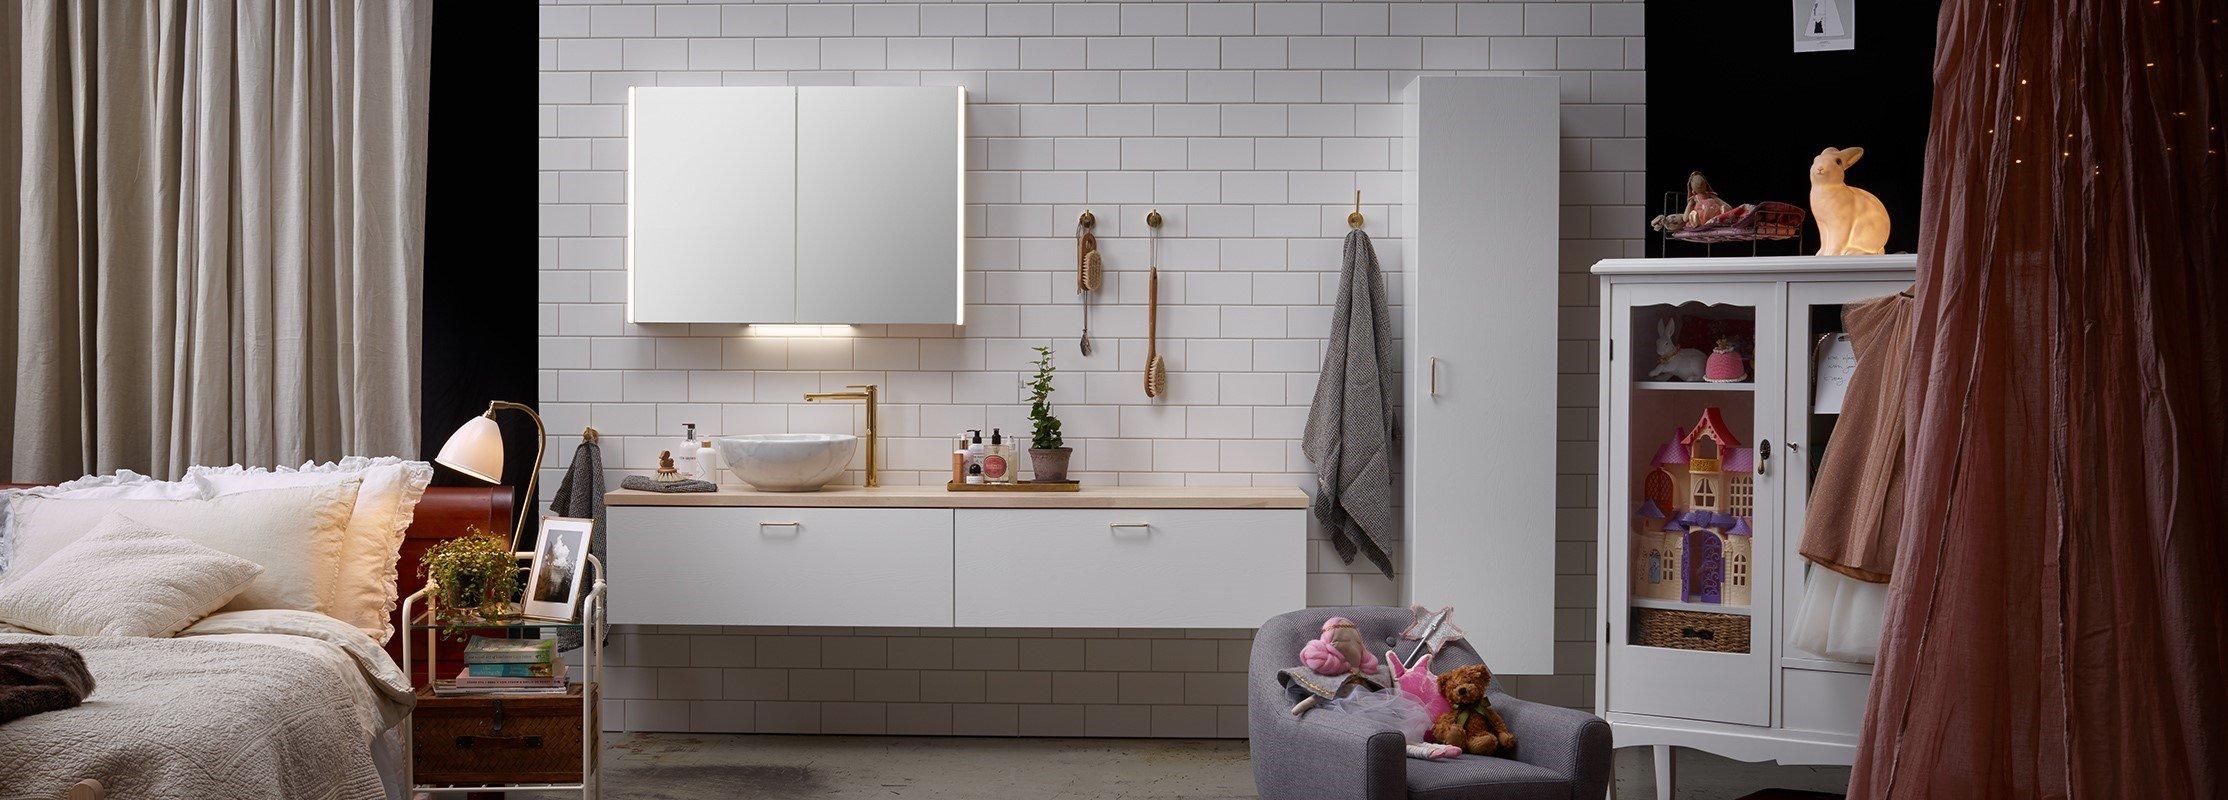 Miller - exklusiva badrum - återförsäljare | Bygghemma.se